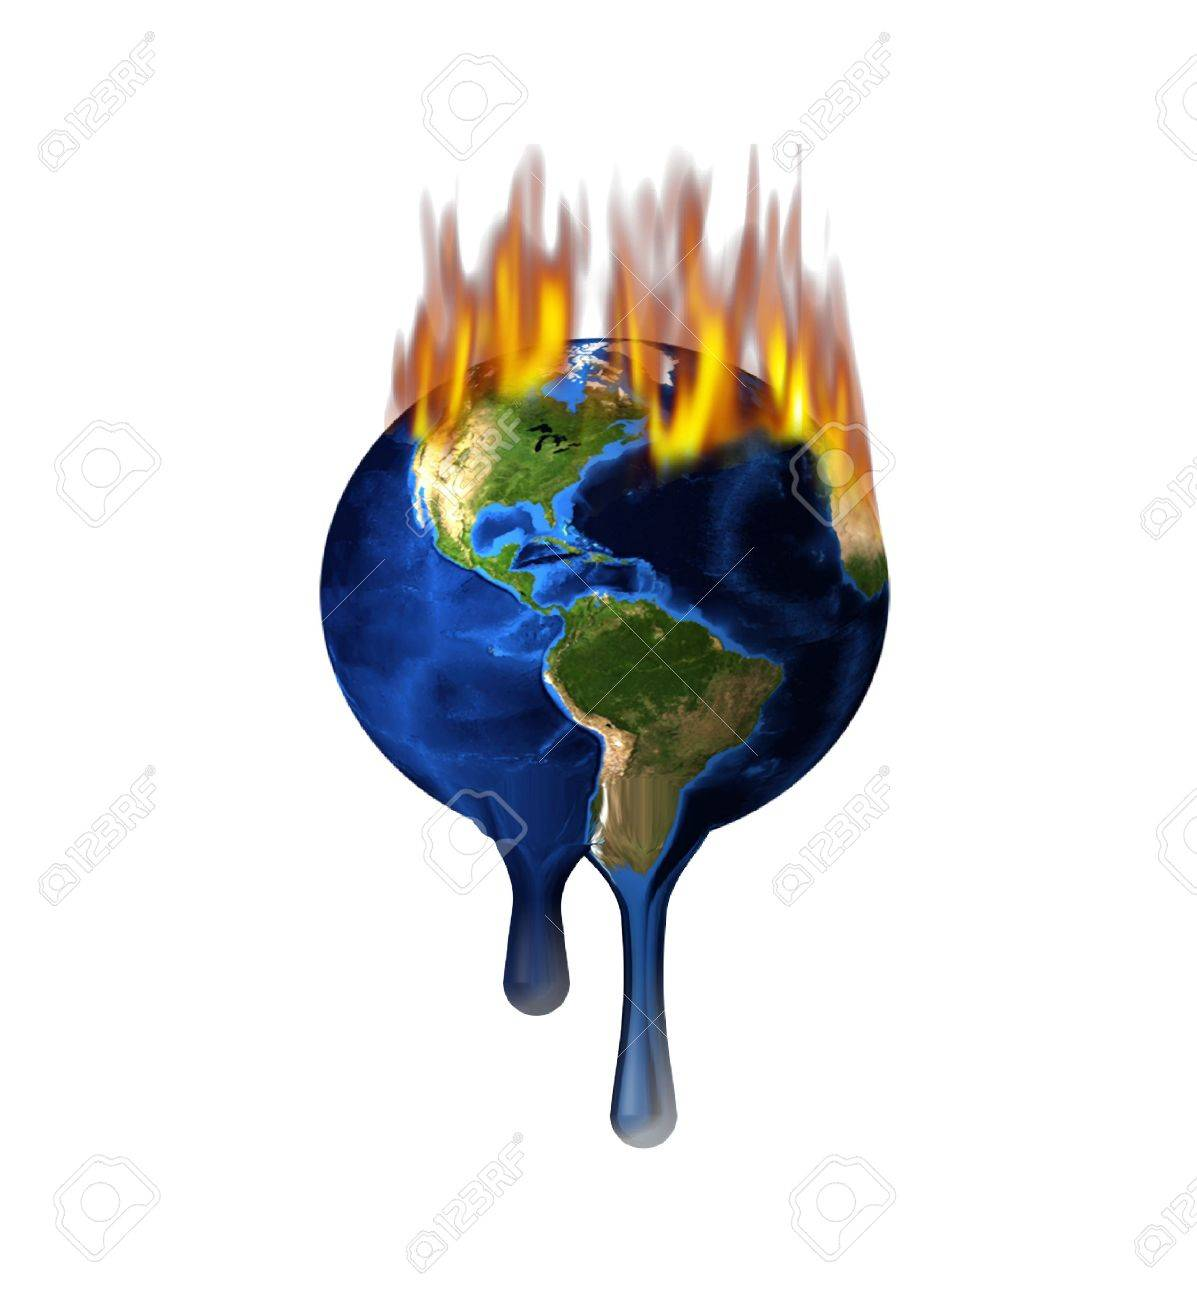 Melting Burning Earth Isolated on White Stock Photo - 4802061